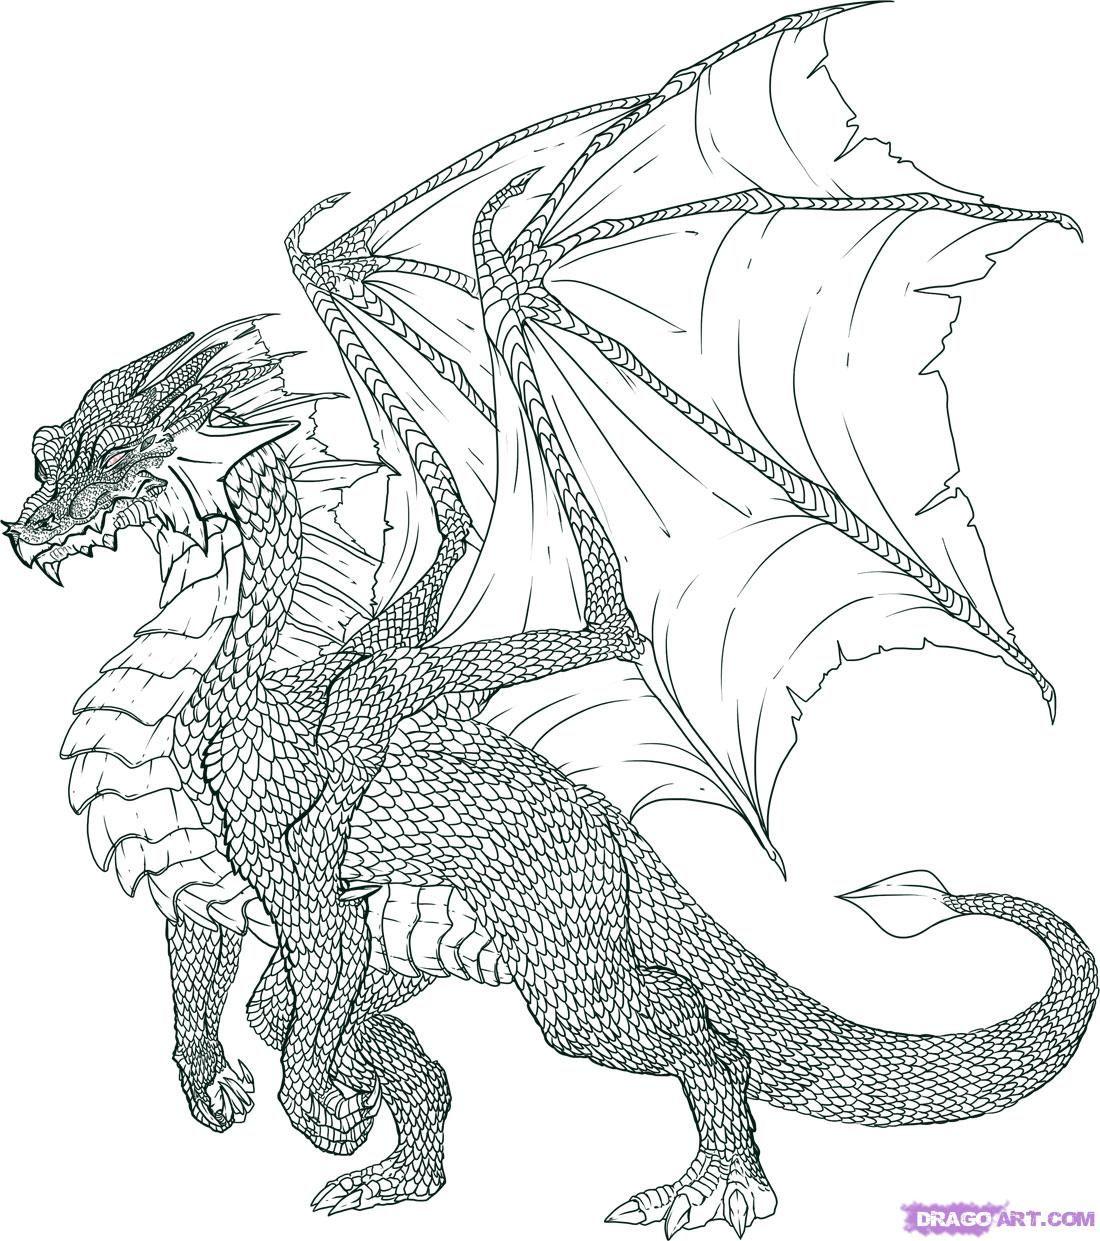 Pin de Oscar Cañamero en dragones | Pinterest | Dragones, Dibujo y Arte